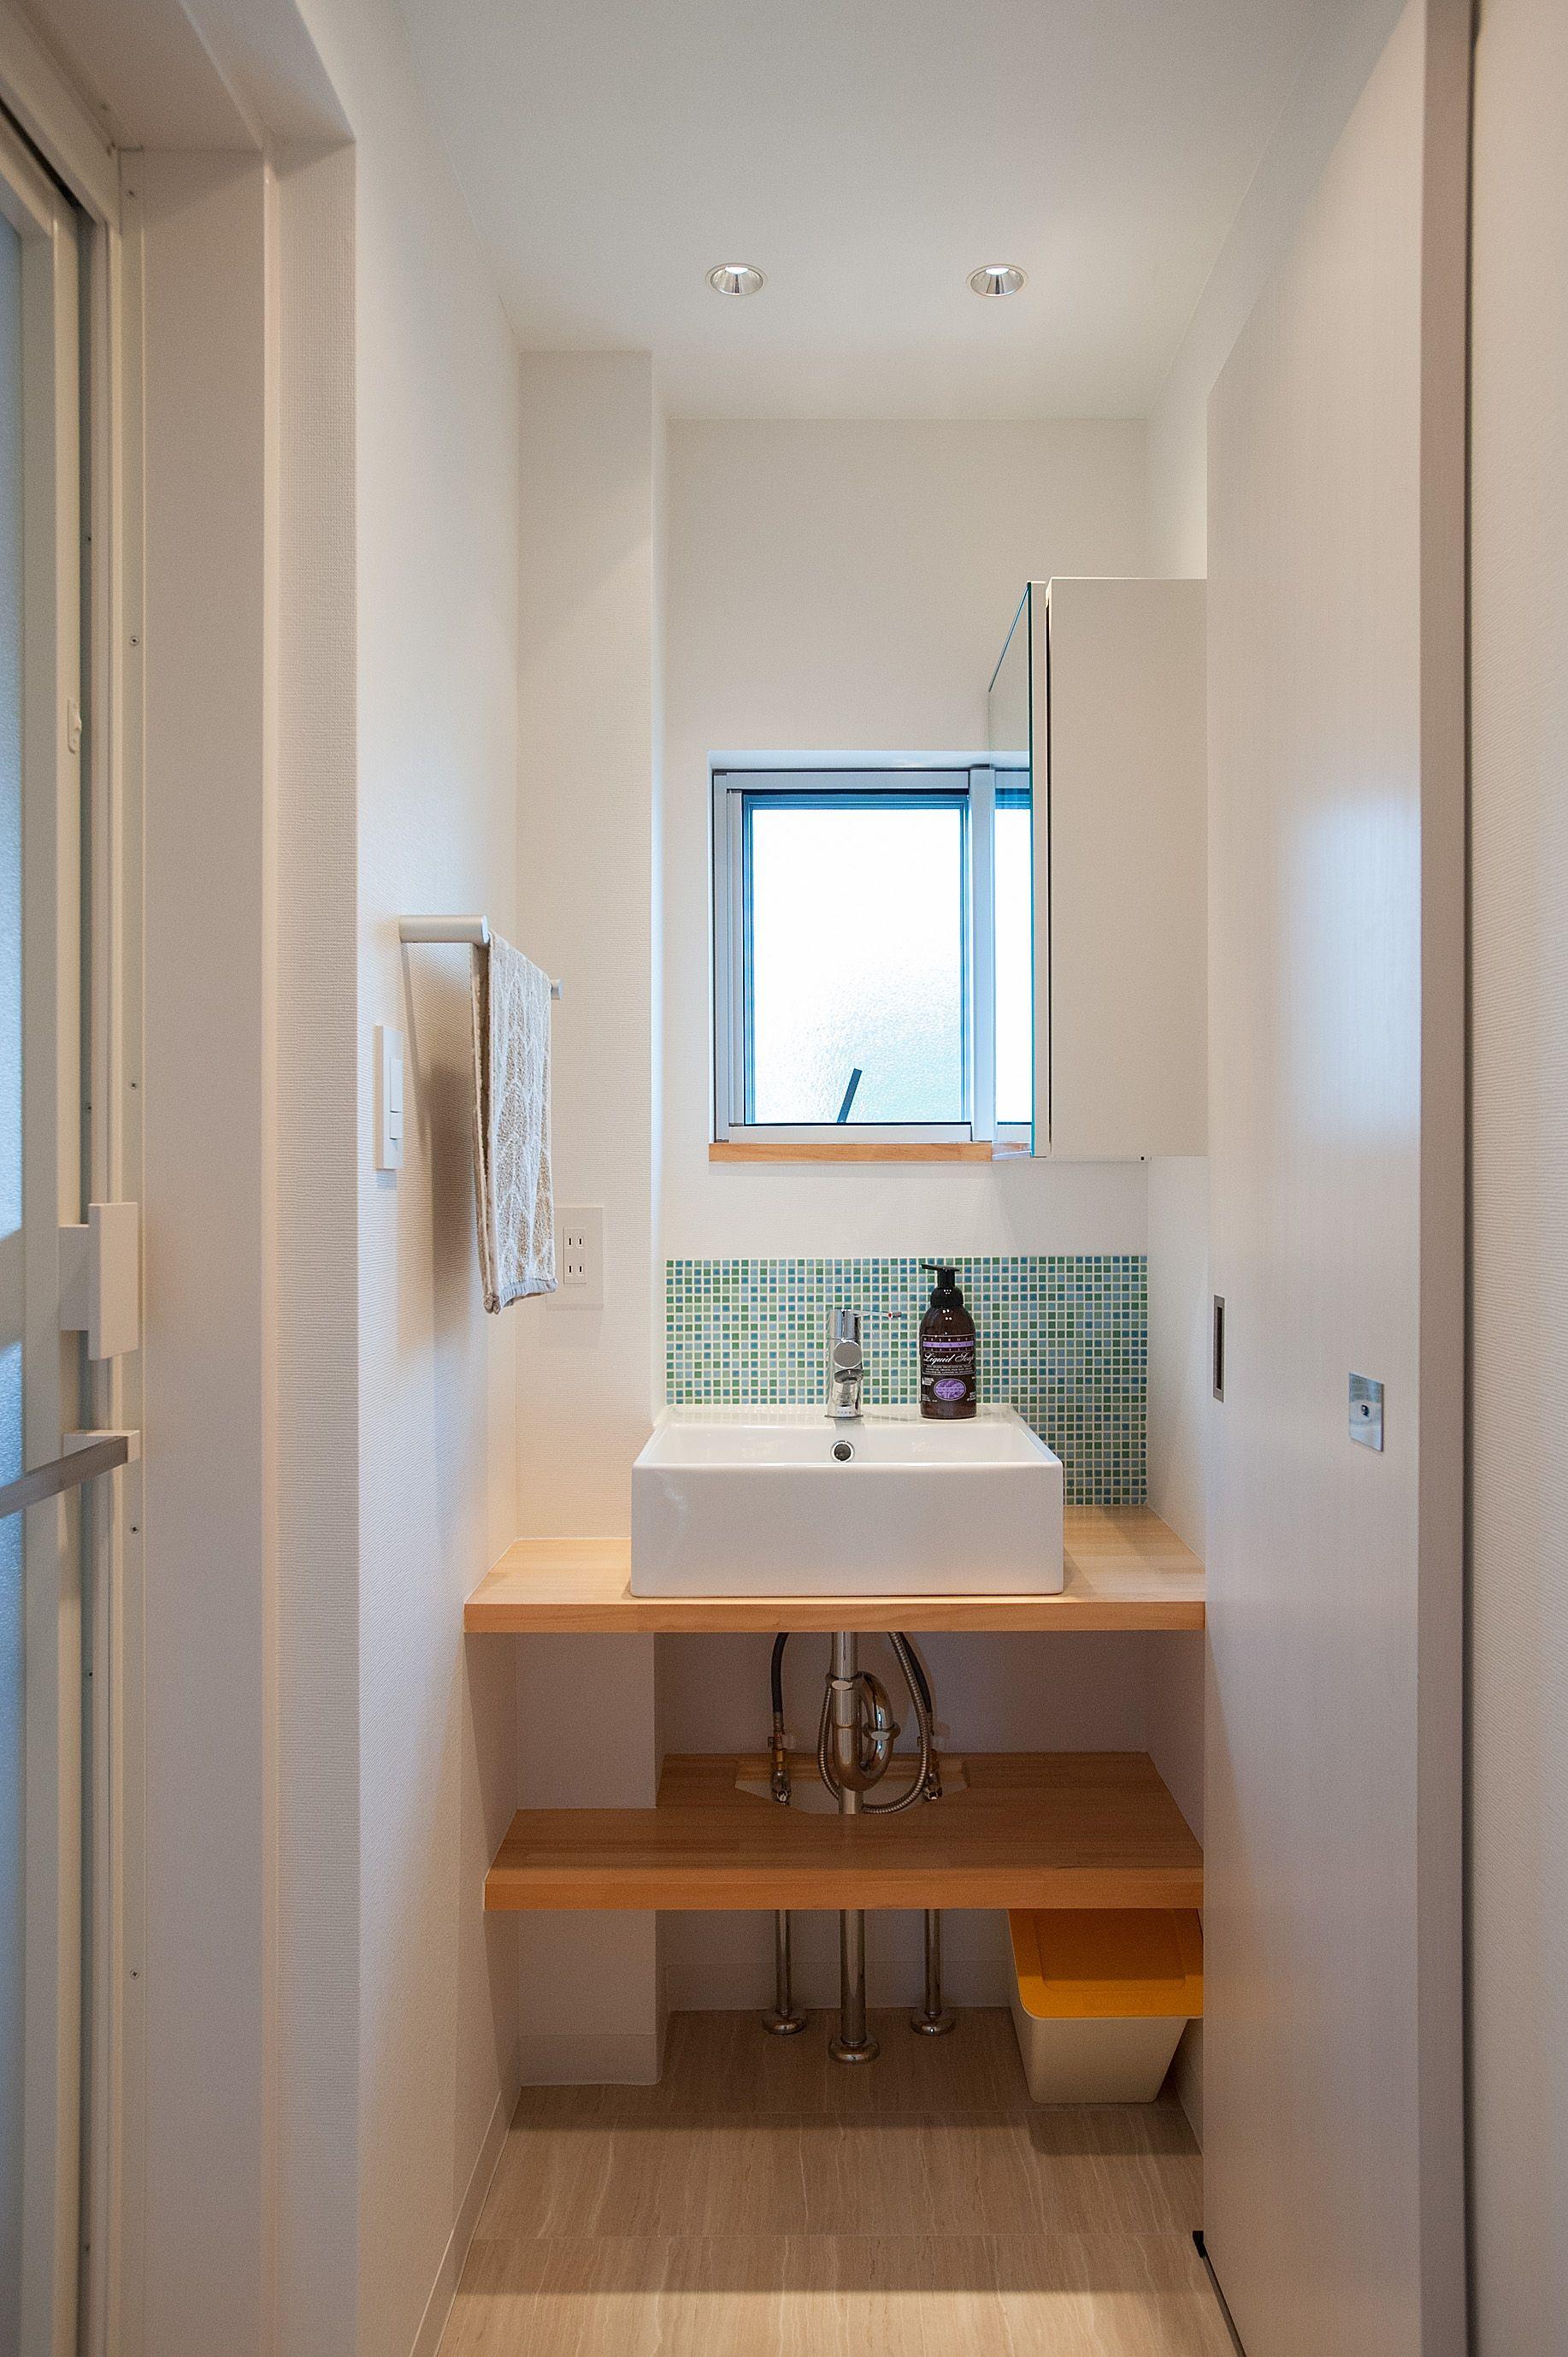 パウダールームには洗面室の正面には窓があり 何も取りつける事が出来